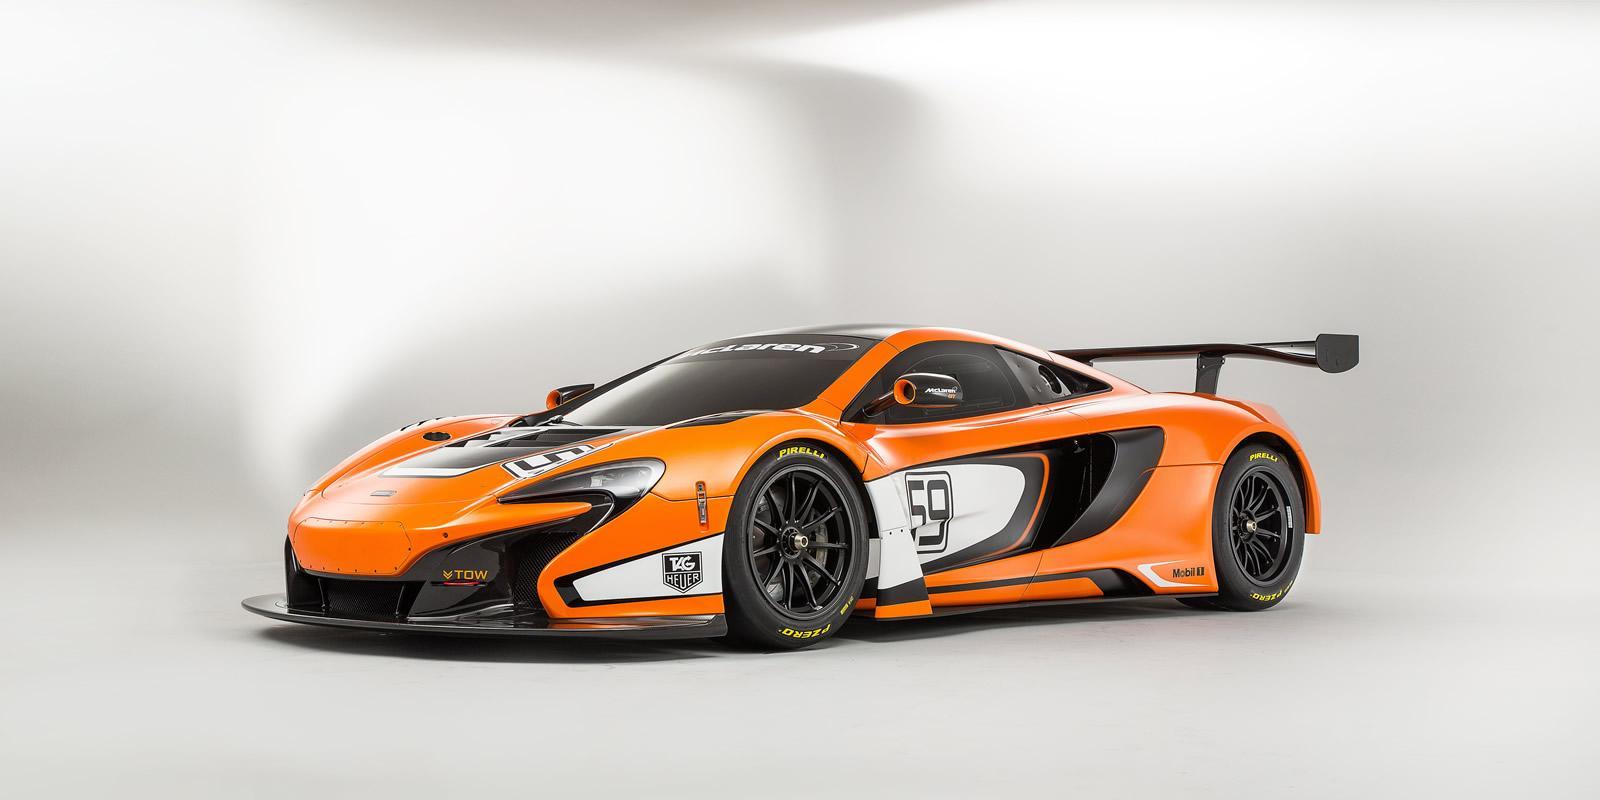 McLaren Unveils 650S GT3 Race Car at the Goodwood Fos ...